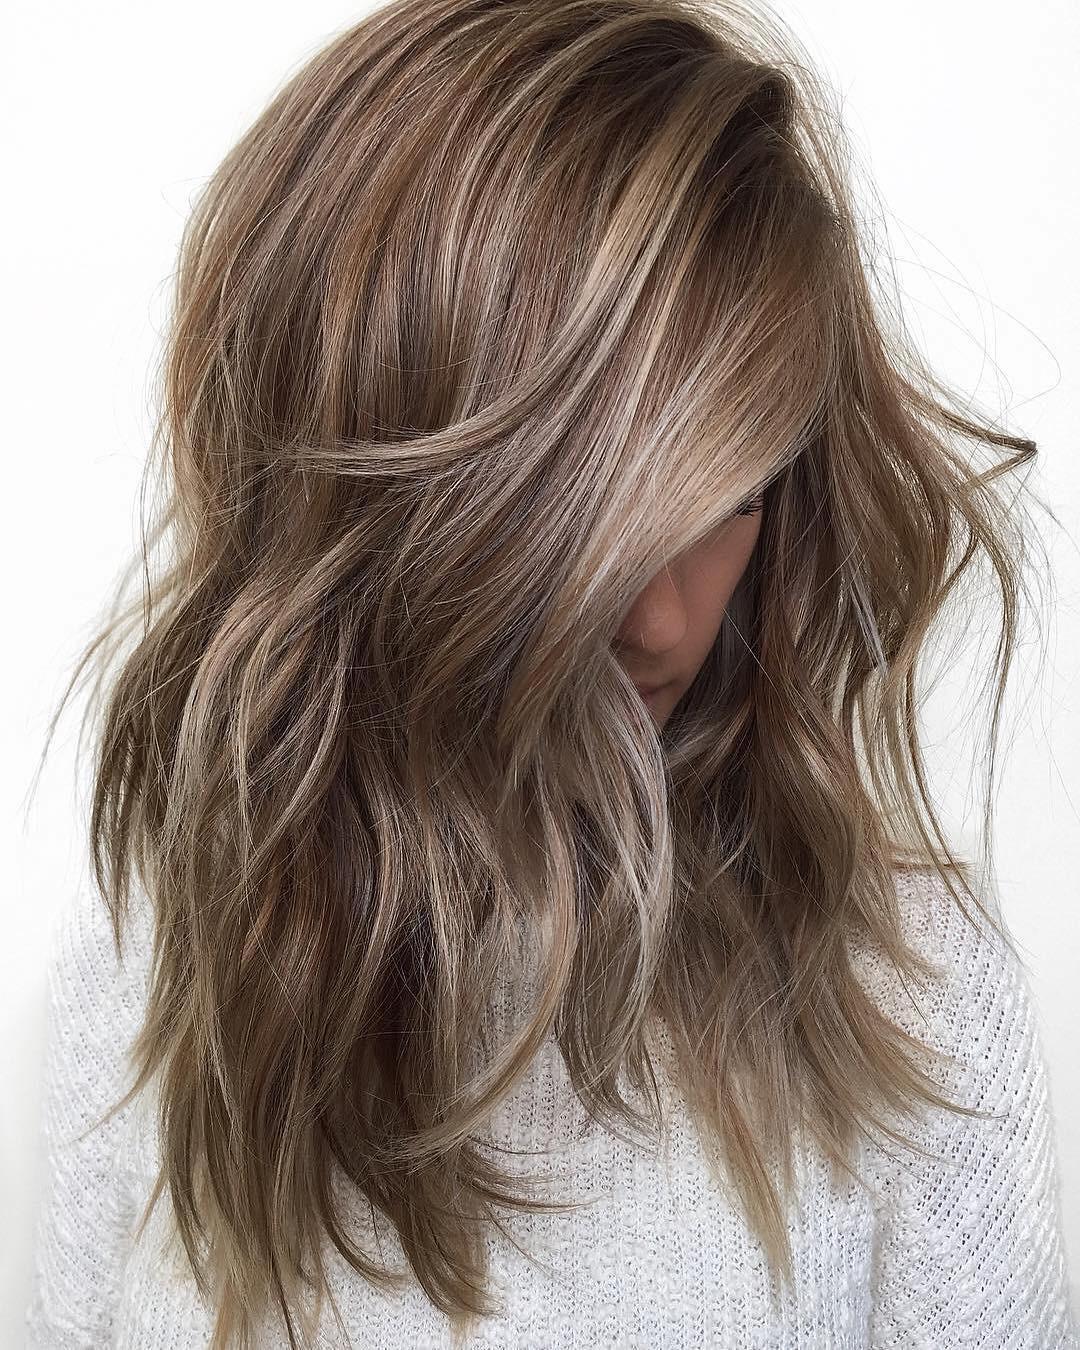 Ombre Frisuren  10 Balayage Ombre Frisuren für schulterlanges Haar Smart